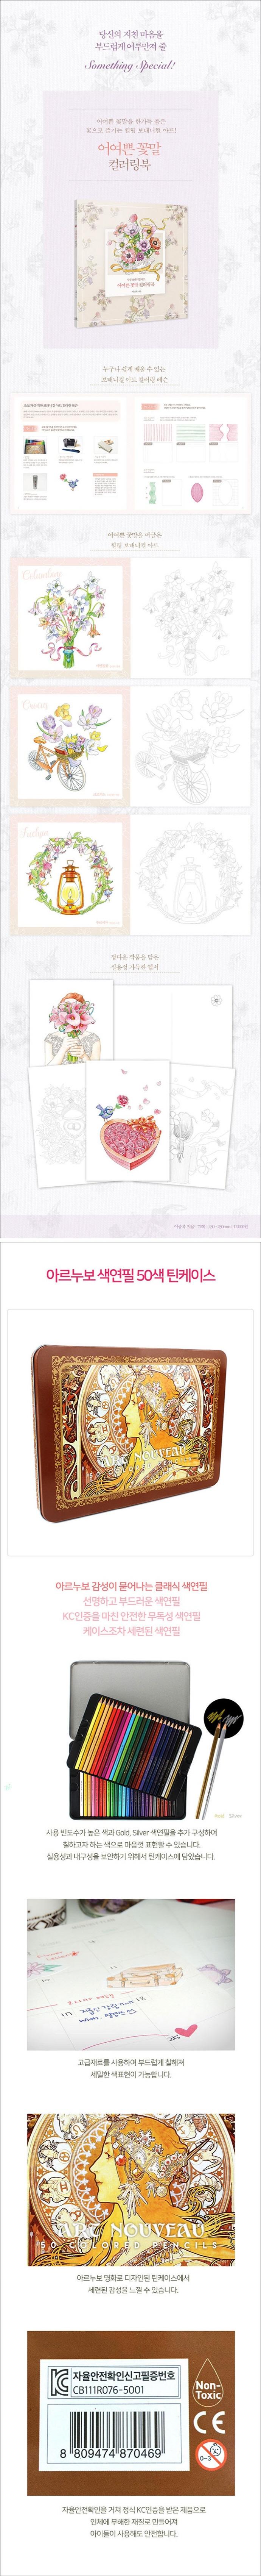 어여쁜 꽃말 컬러링북 + 아르누보 색연필 틴케이스 50색 세트 도서 상세이미지